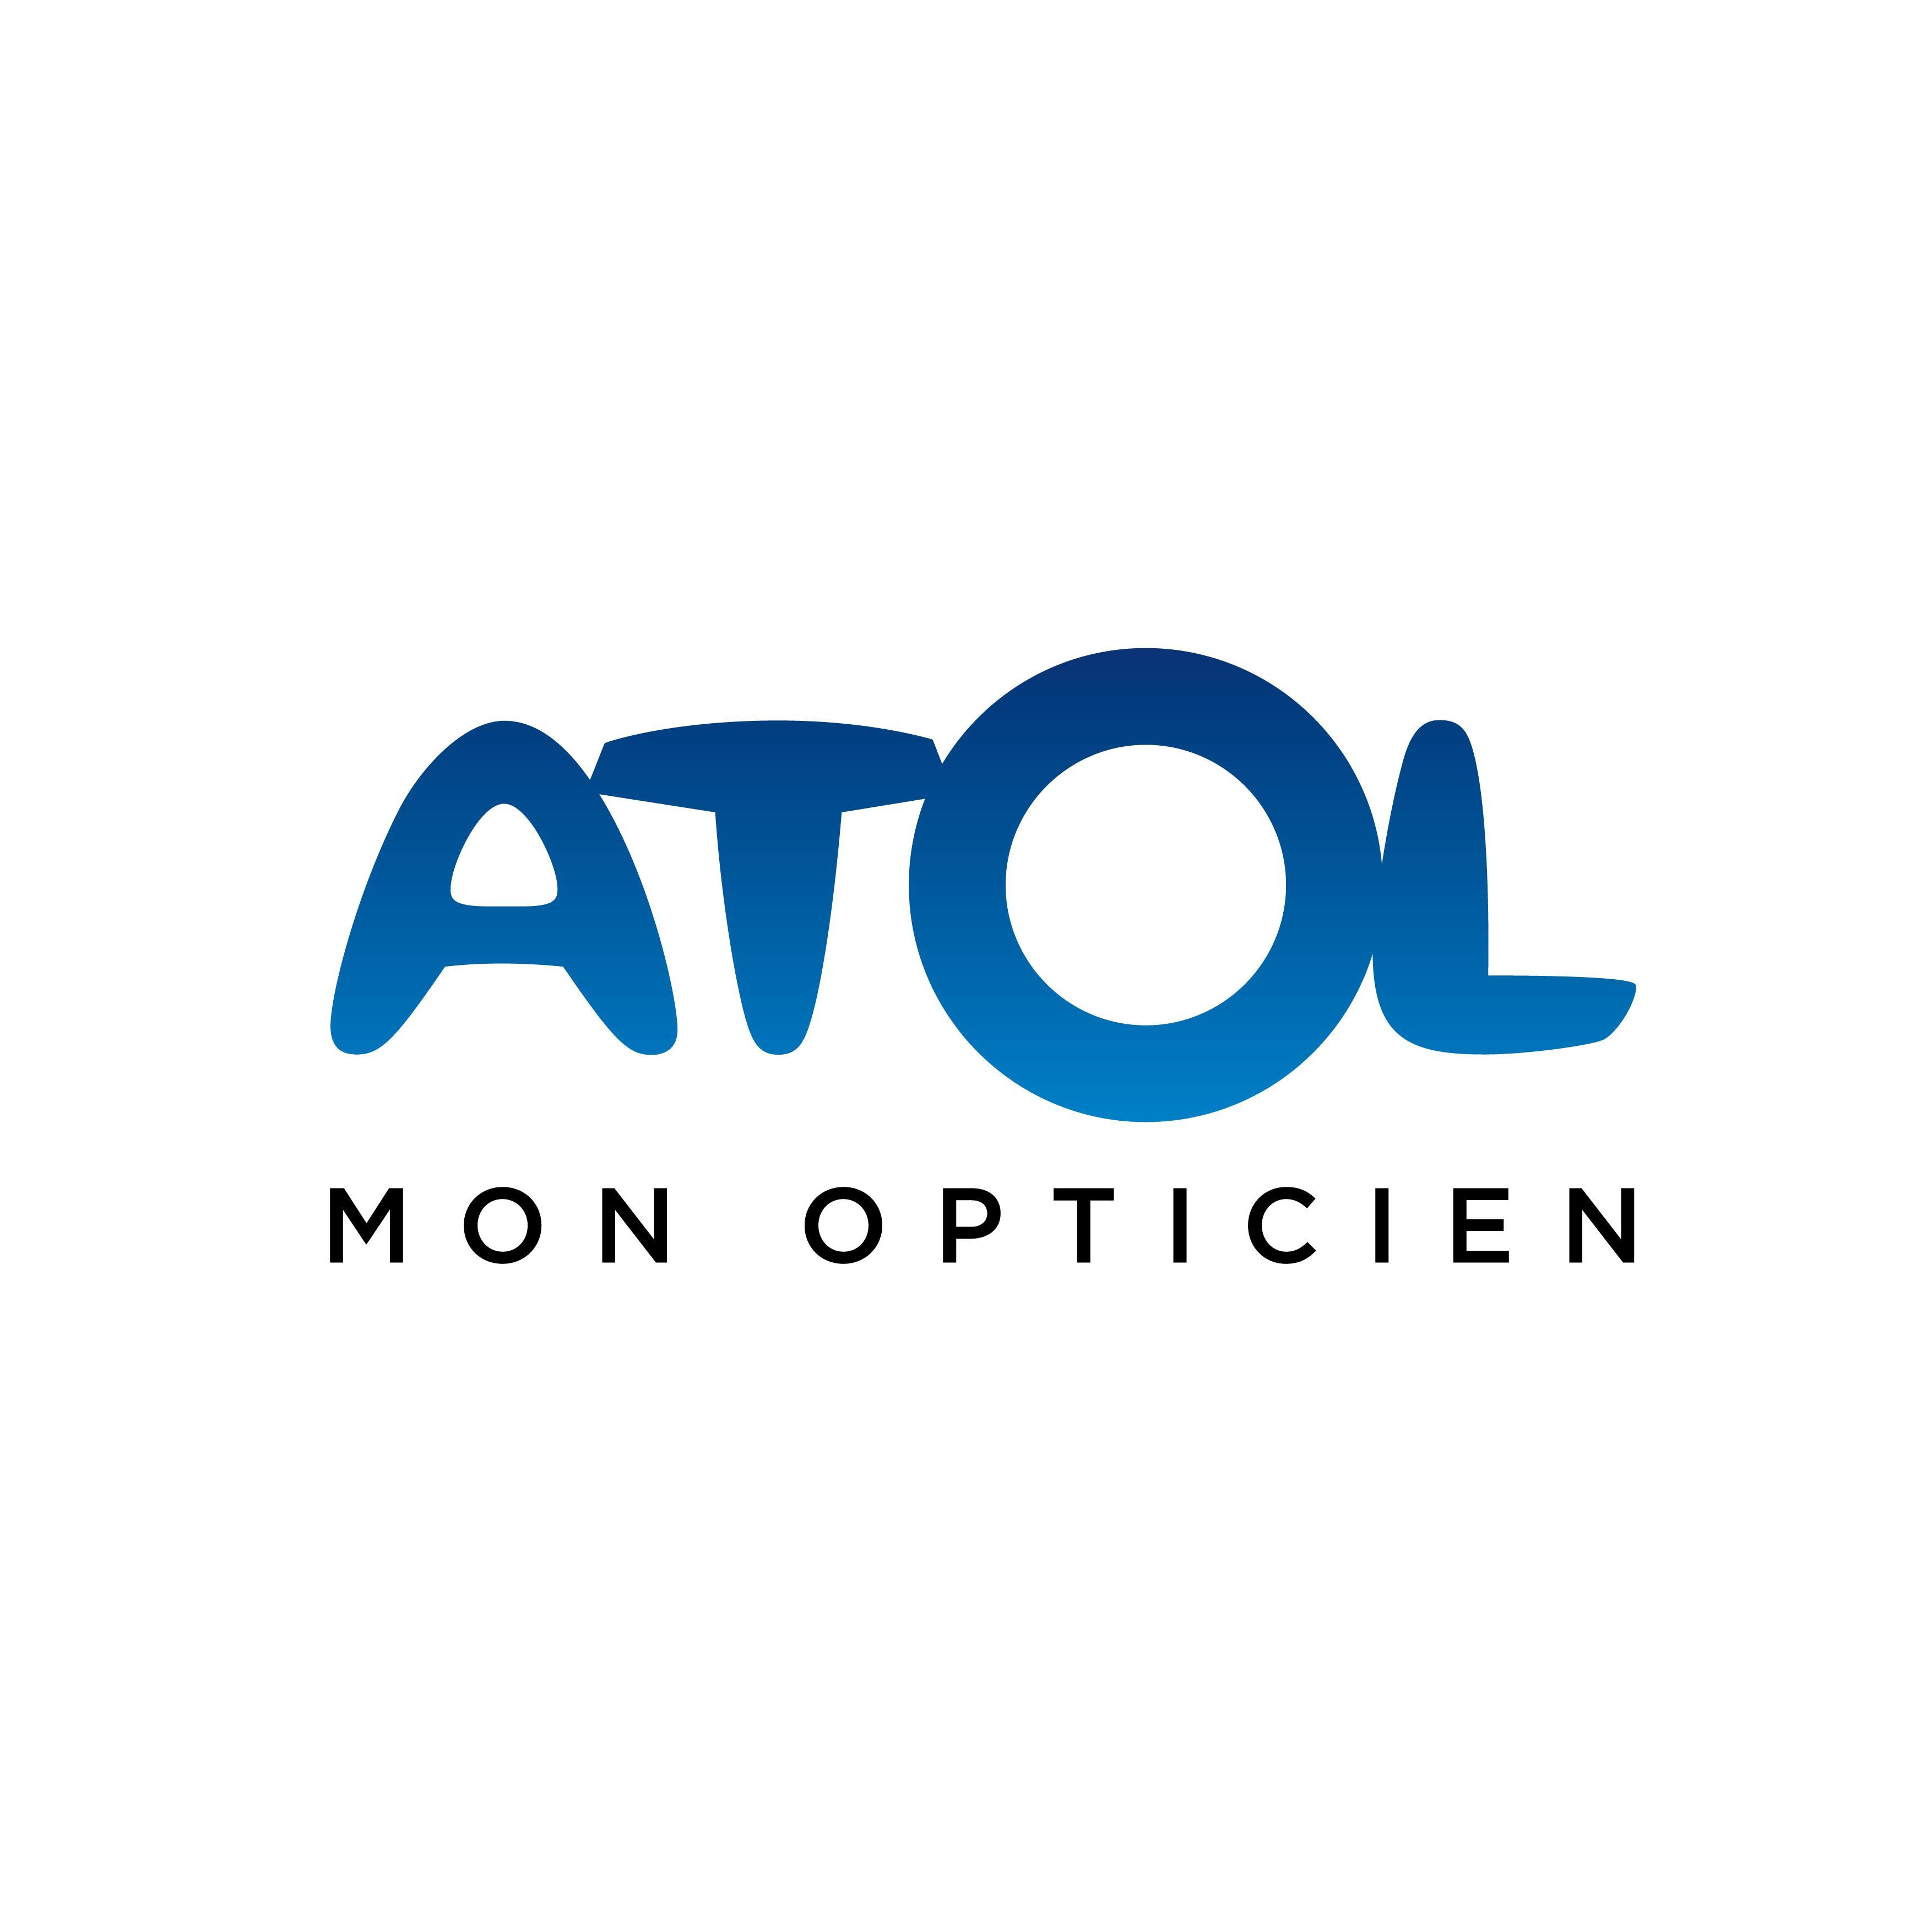 Atol Mon Opticien Marseille